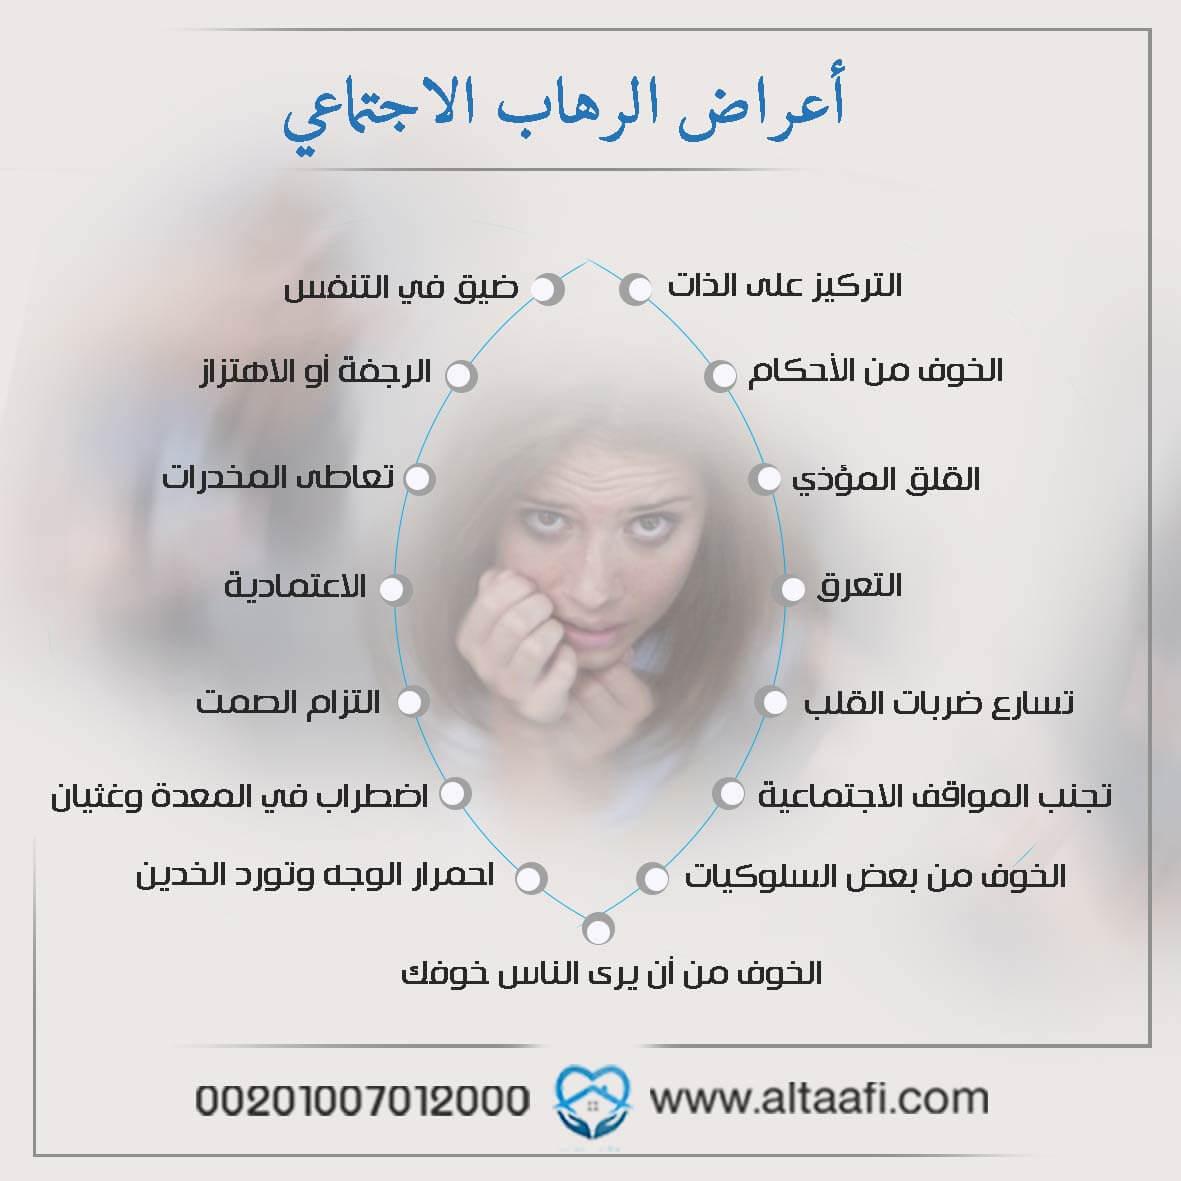 أعراض الرهاب الاجتماعي